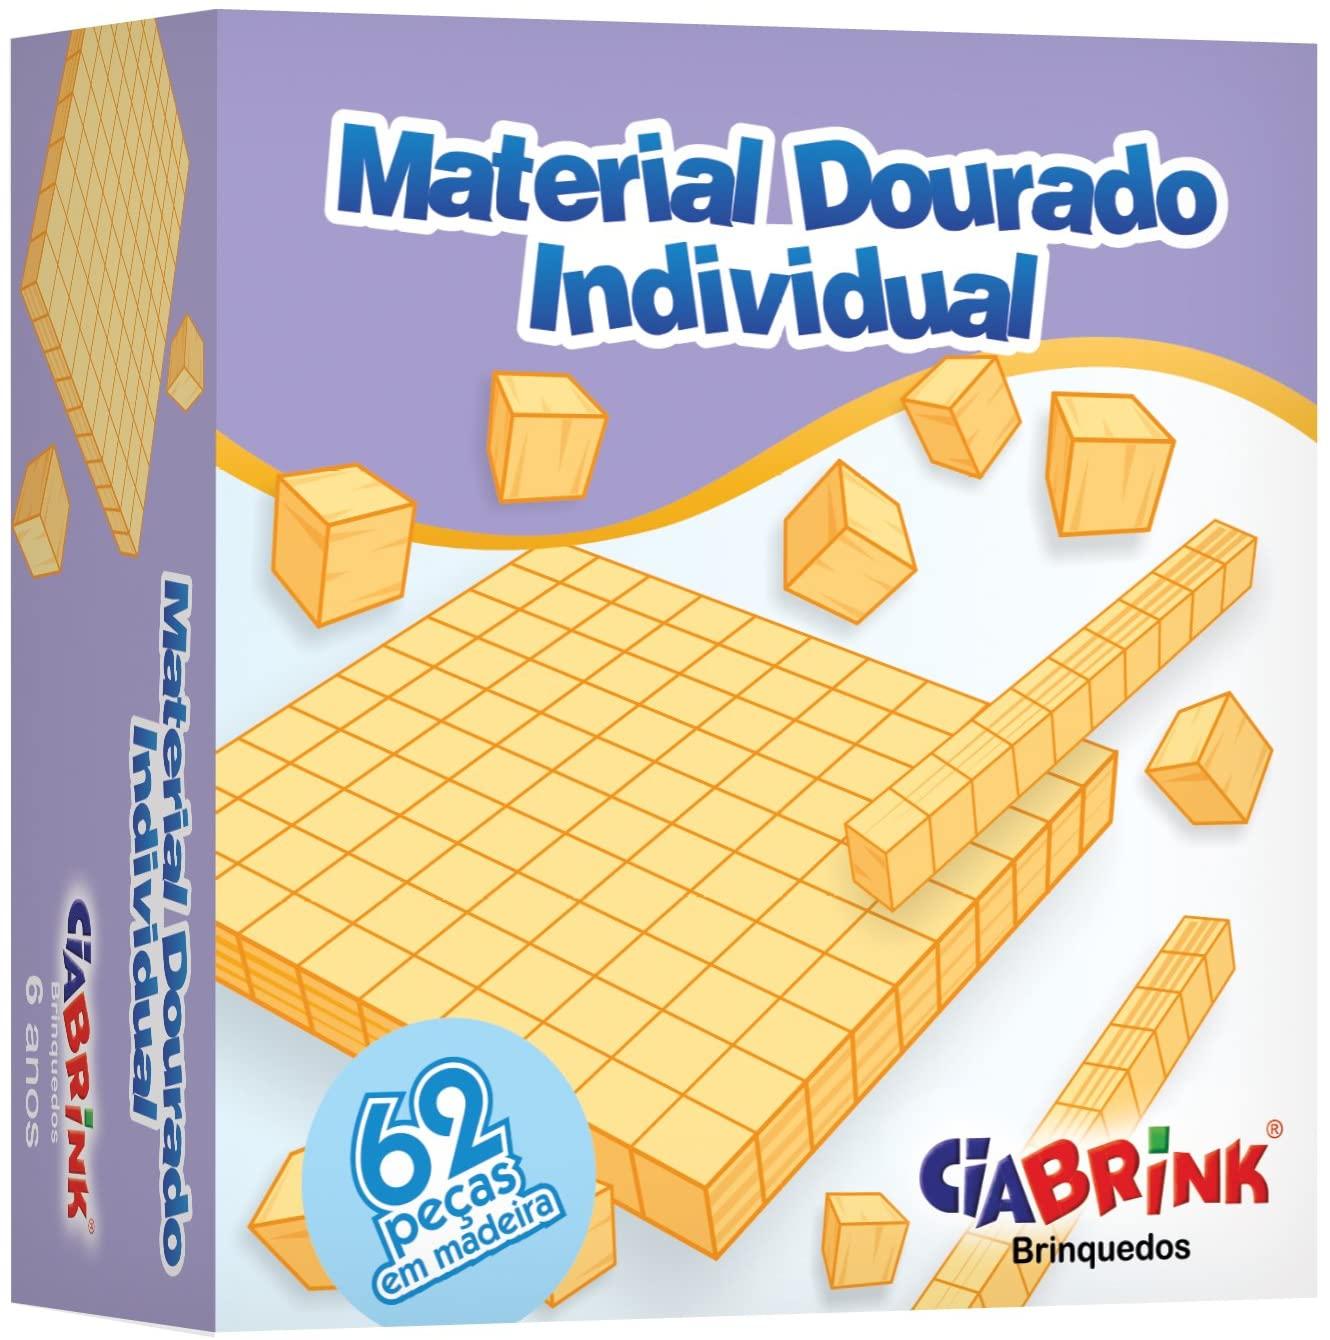 MATERIAL DOURADO 62 PEÇAS CIA BRINK